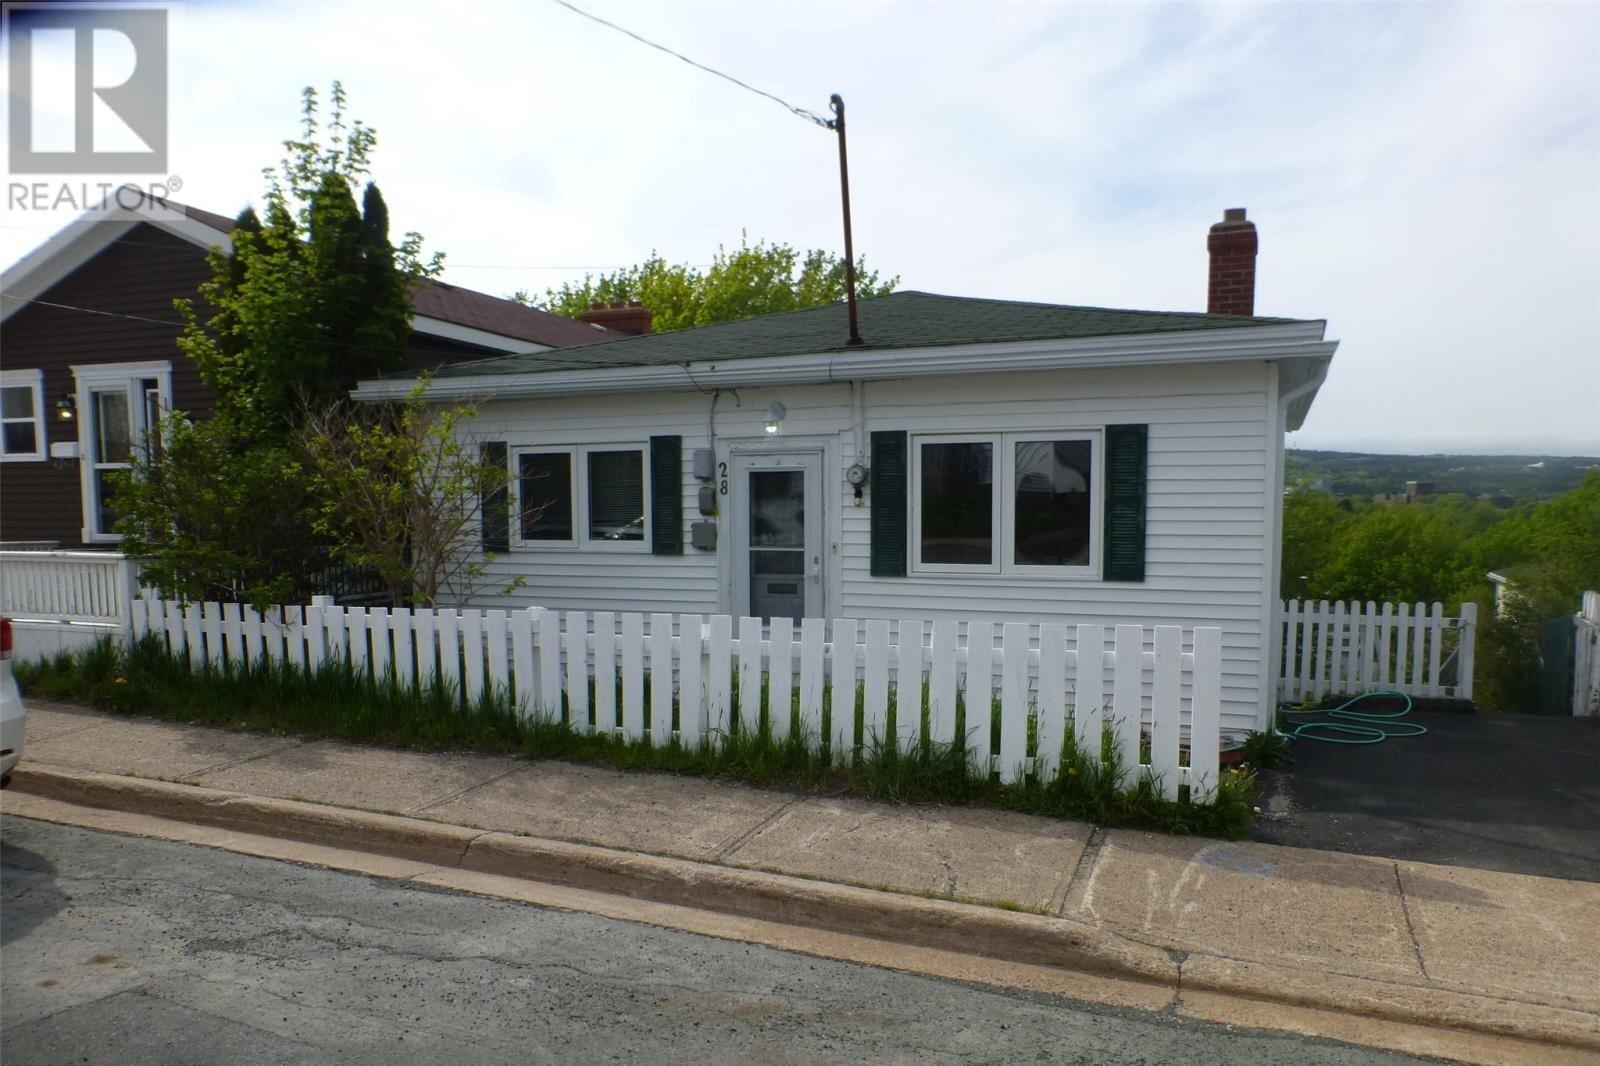 House for sale at 26 Goodridge St St. John's Newfoundland - MLS: 1216225